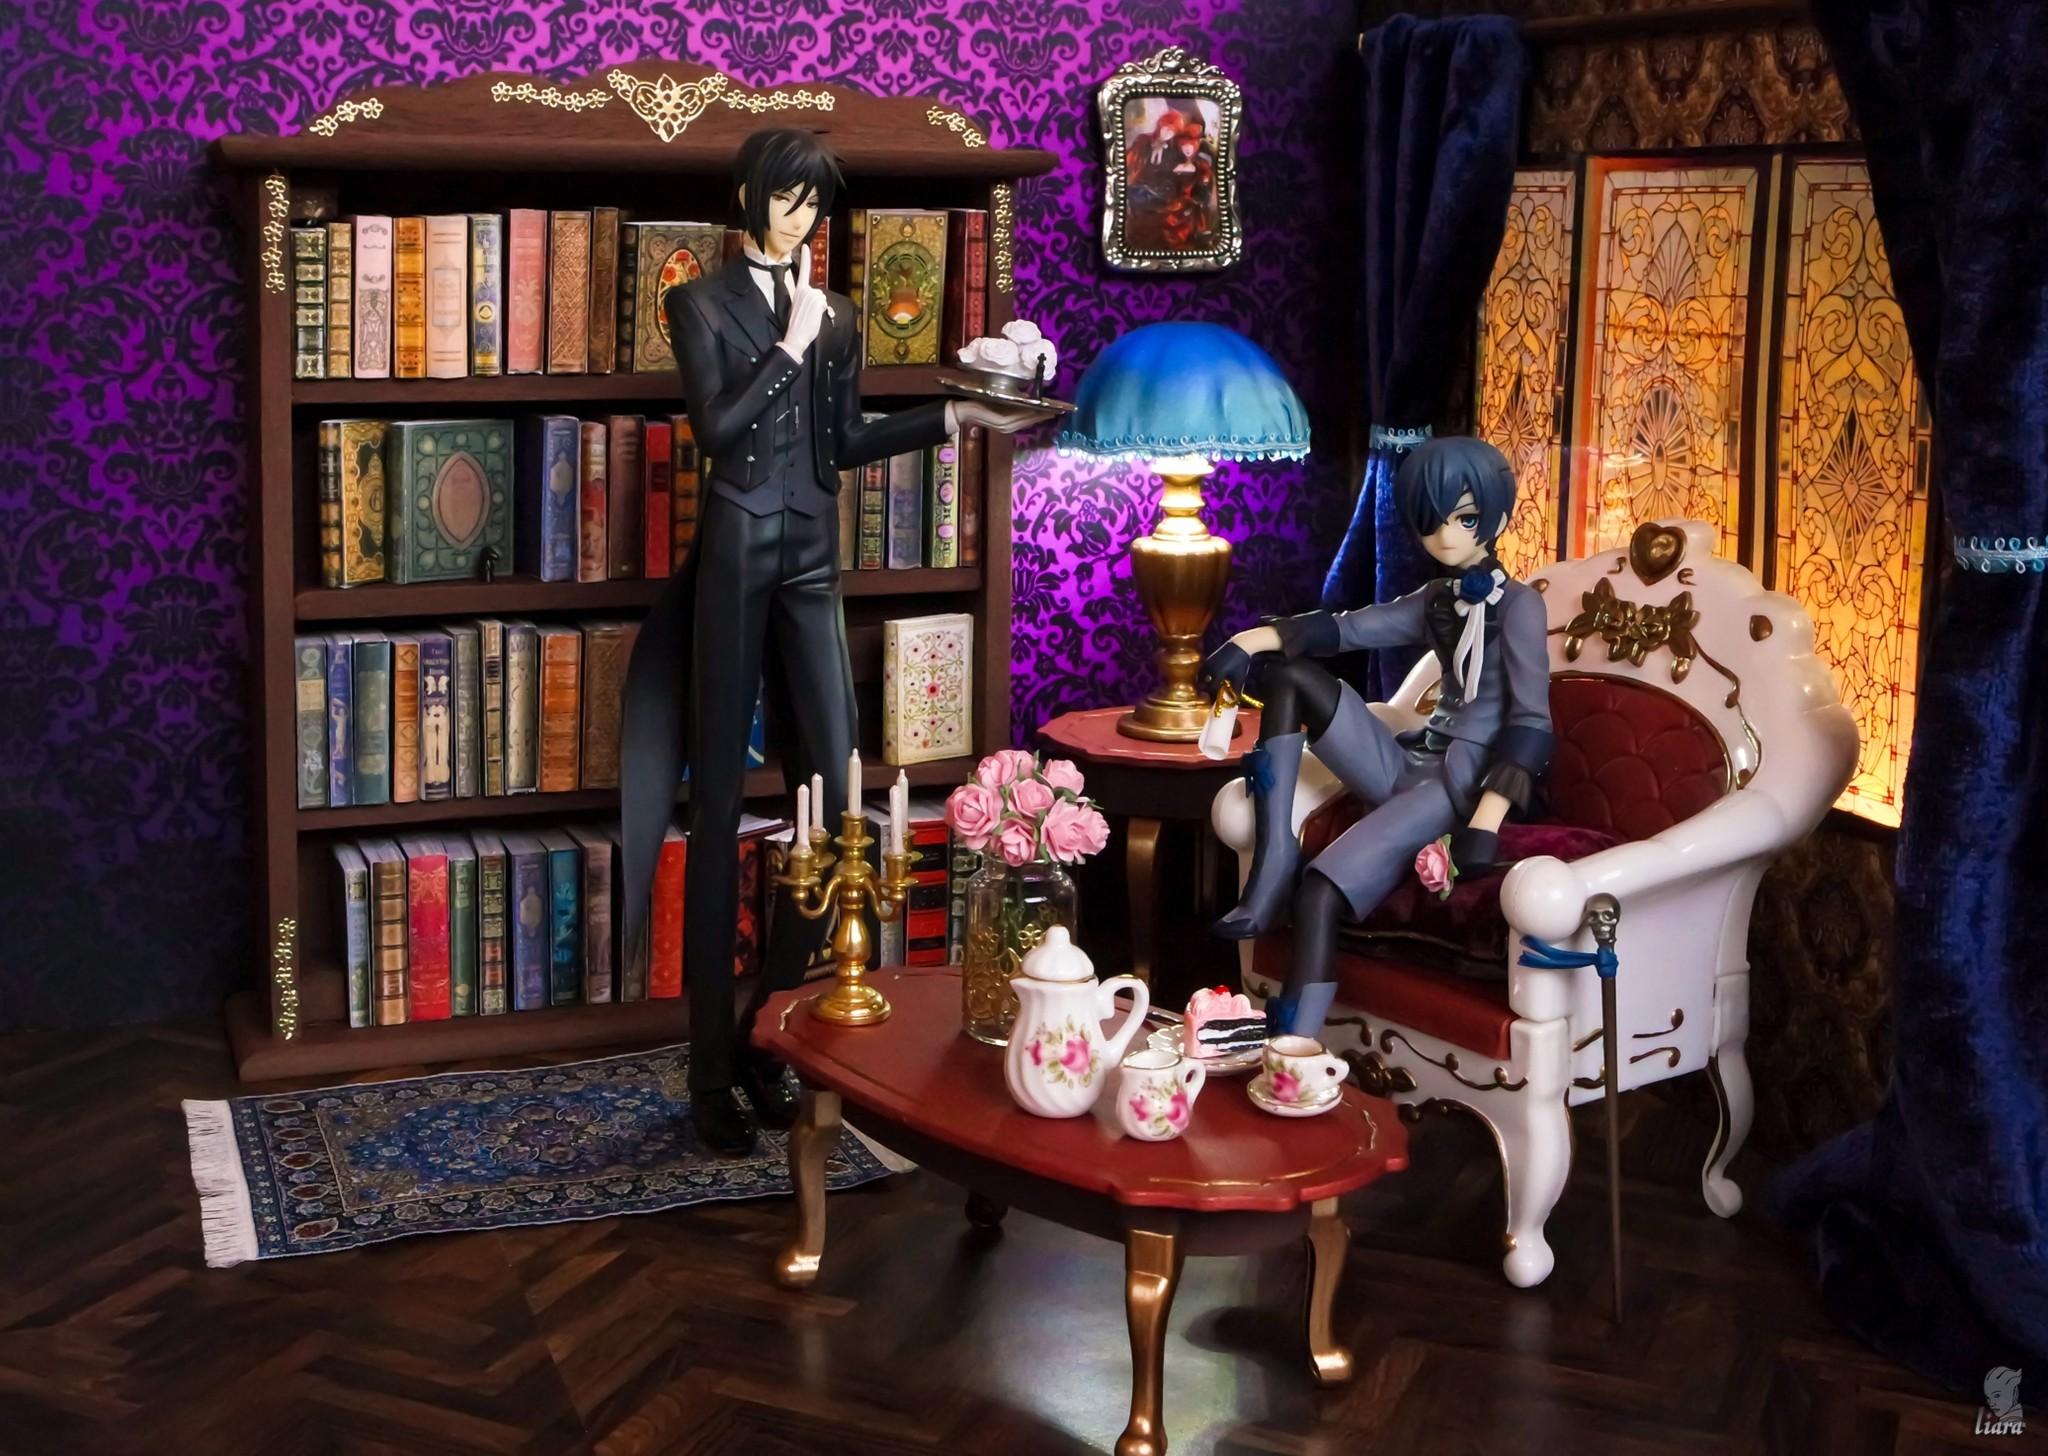 kotobukiya square_enix ciel_phantomhive sebastian_michaelis shirahige_tsukuru piron toboso_yana artfx_j kuroshitsuji_~book_of_circus~